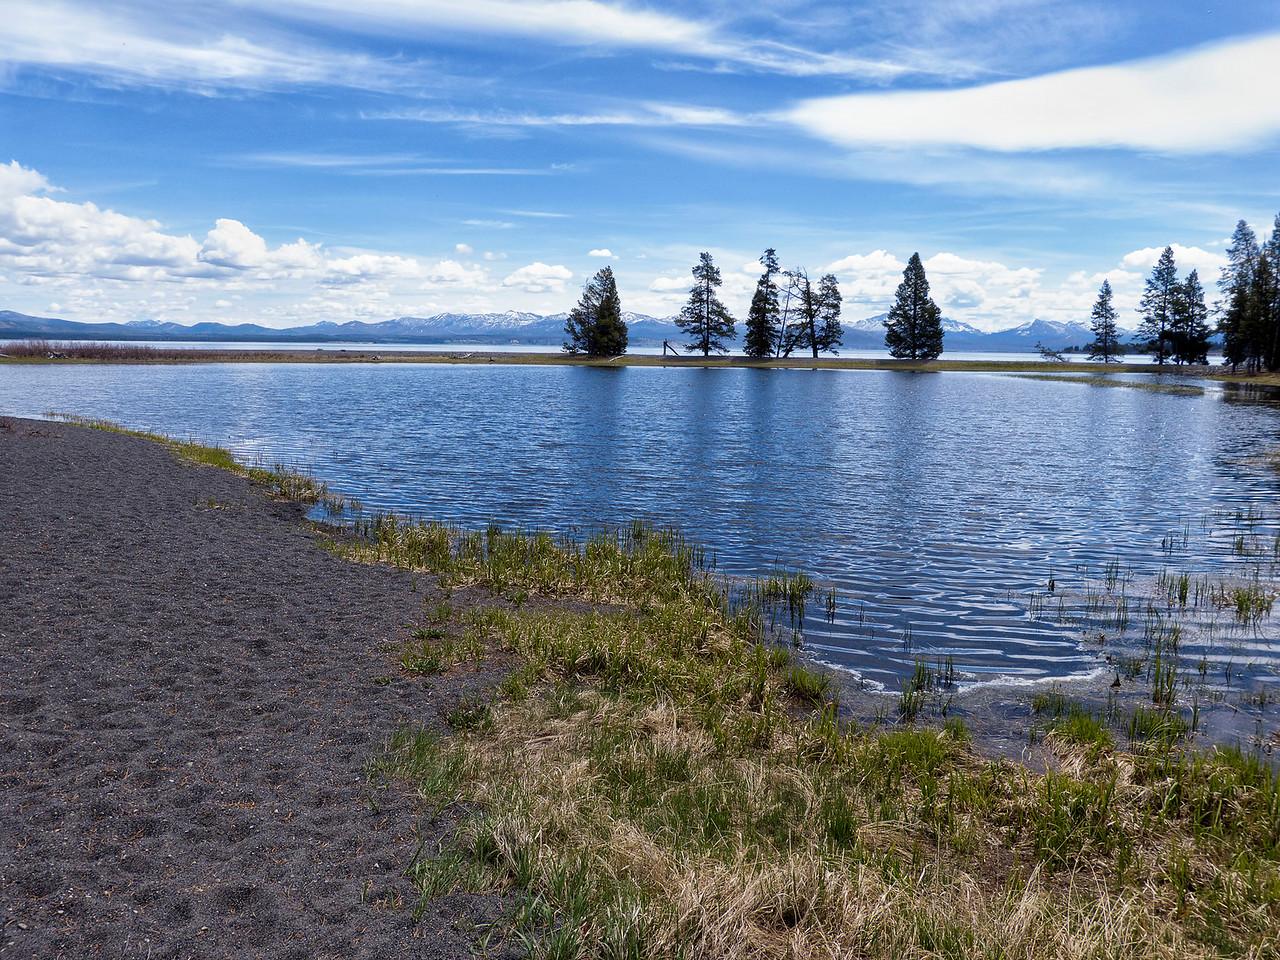 Arret au bord du lac Yellowstone, bien plus grand que le bassin d'Arcachon